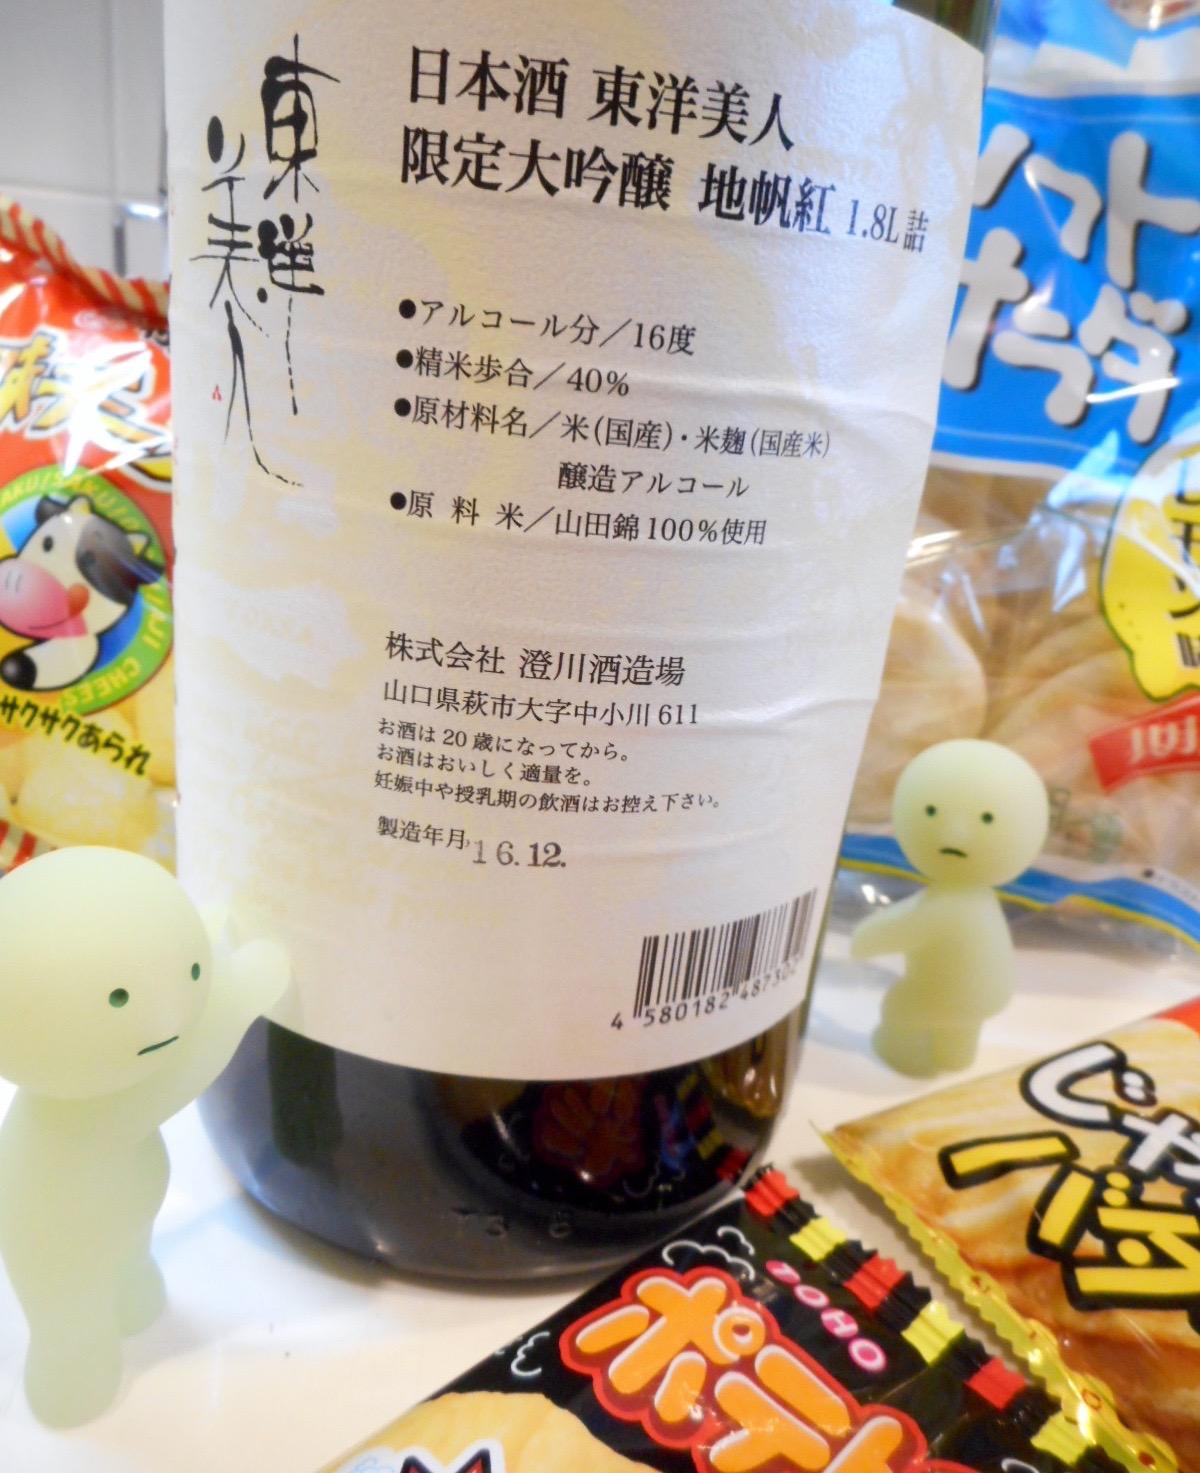 toyobijin_jipang_nama28by2.jpg